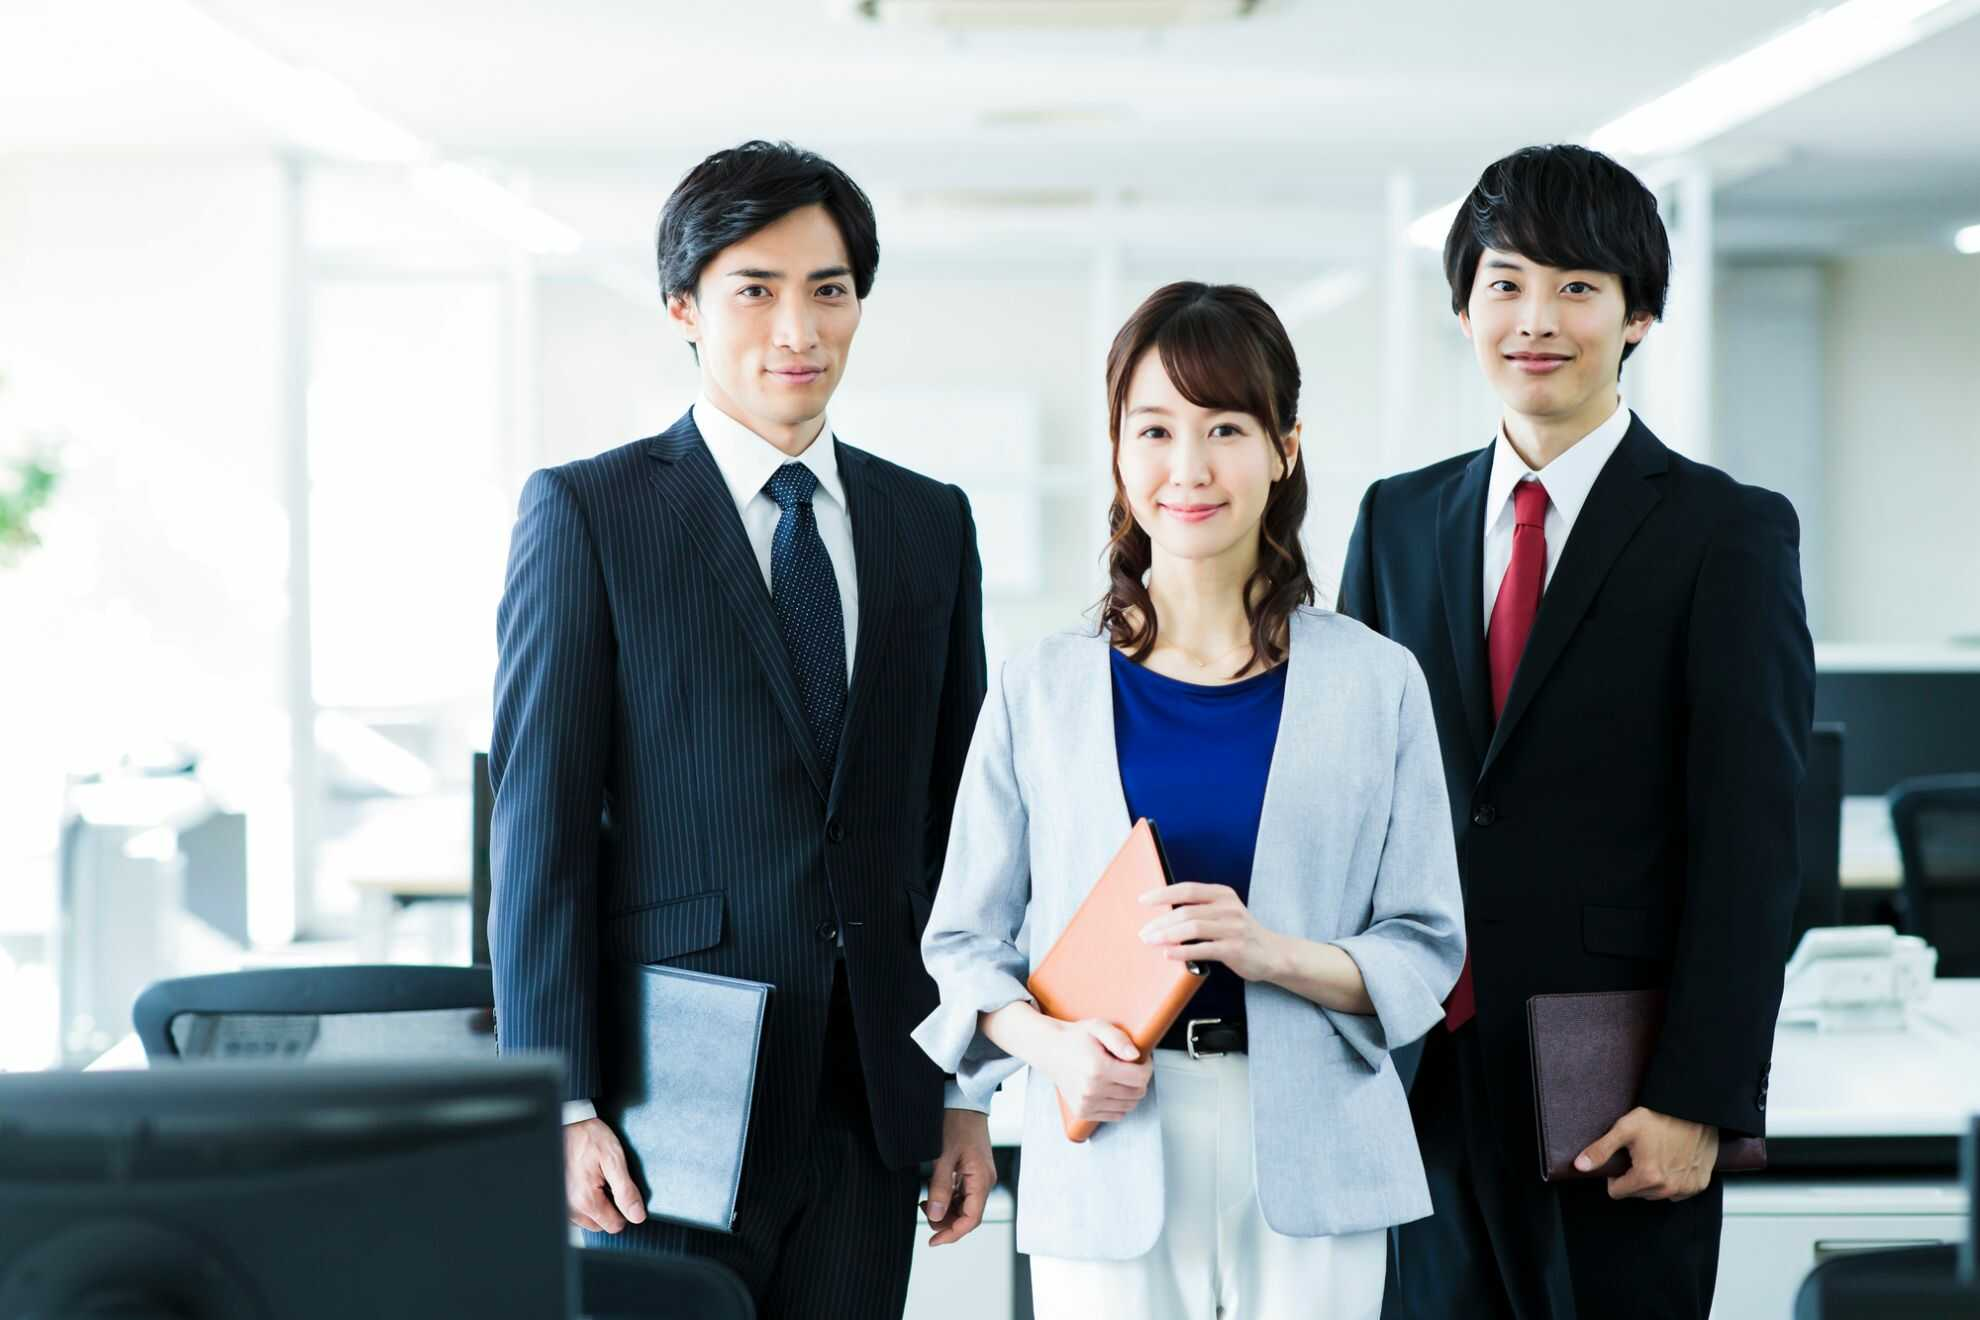 こちらを見つめている3人のビジネスパーソンたち